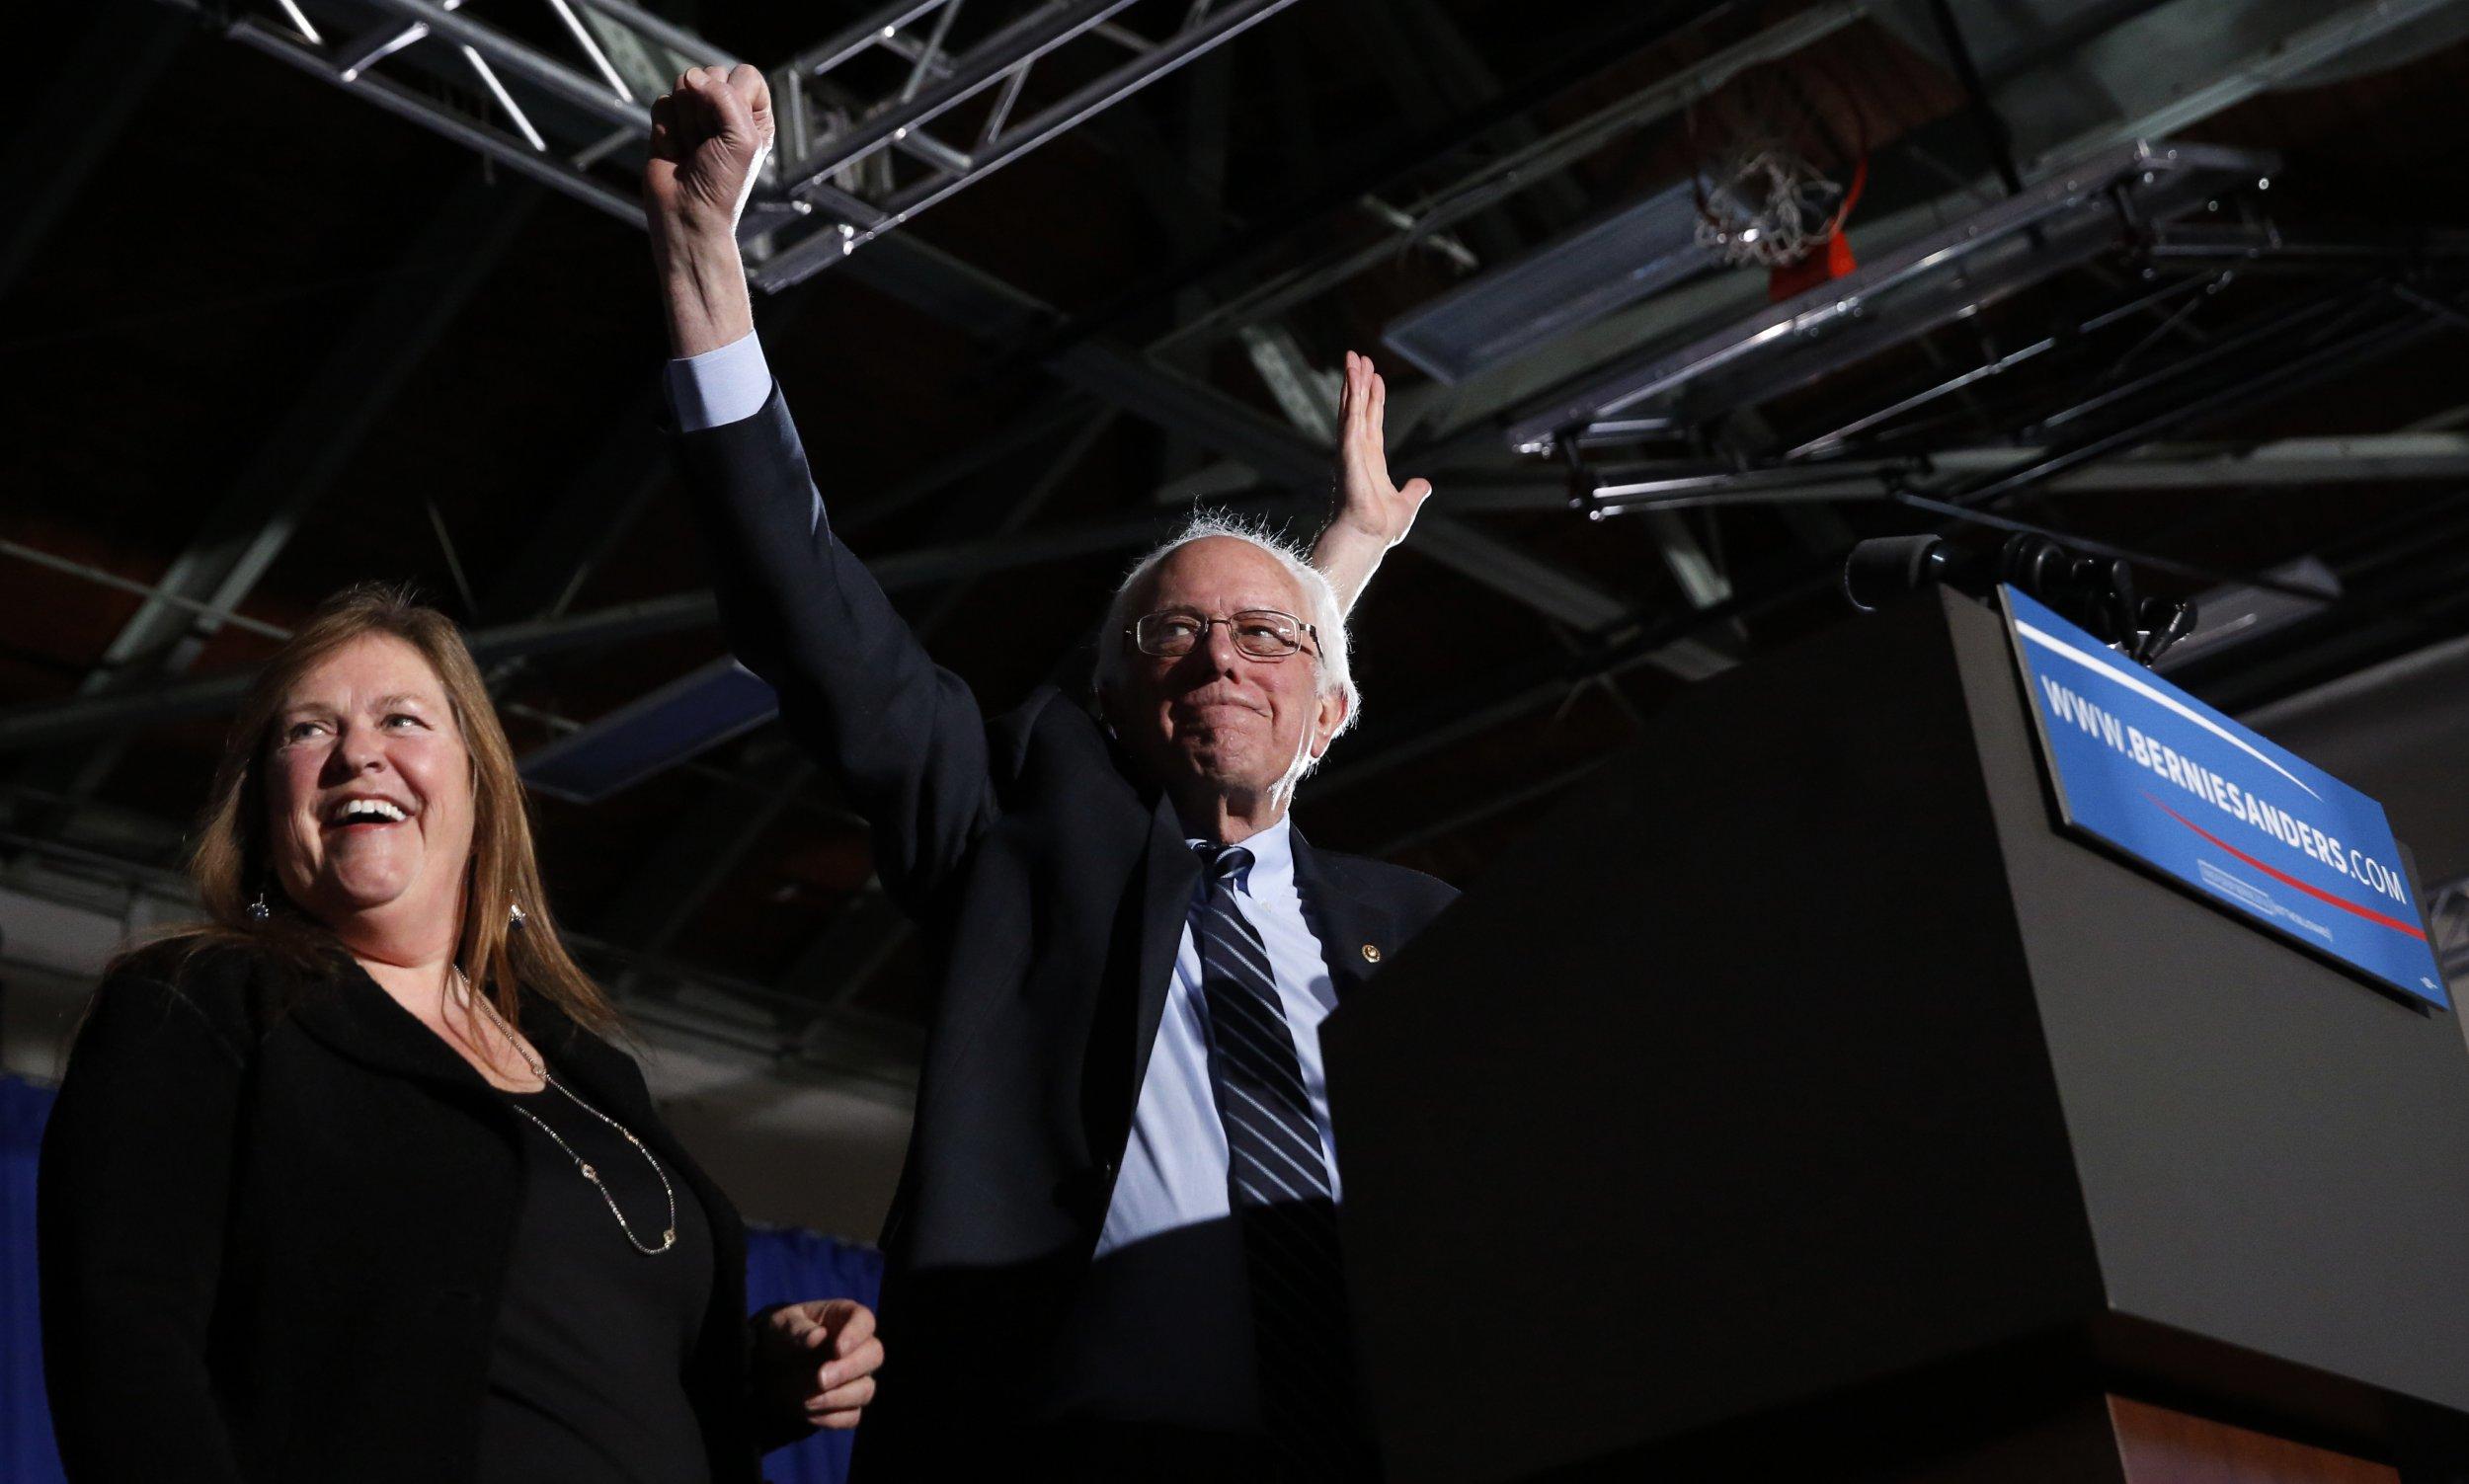 Bernie Sanders Donald Trump Republican Democratic New Hampshire